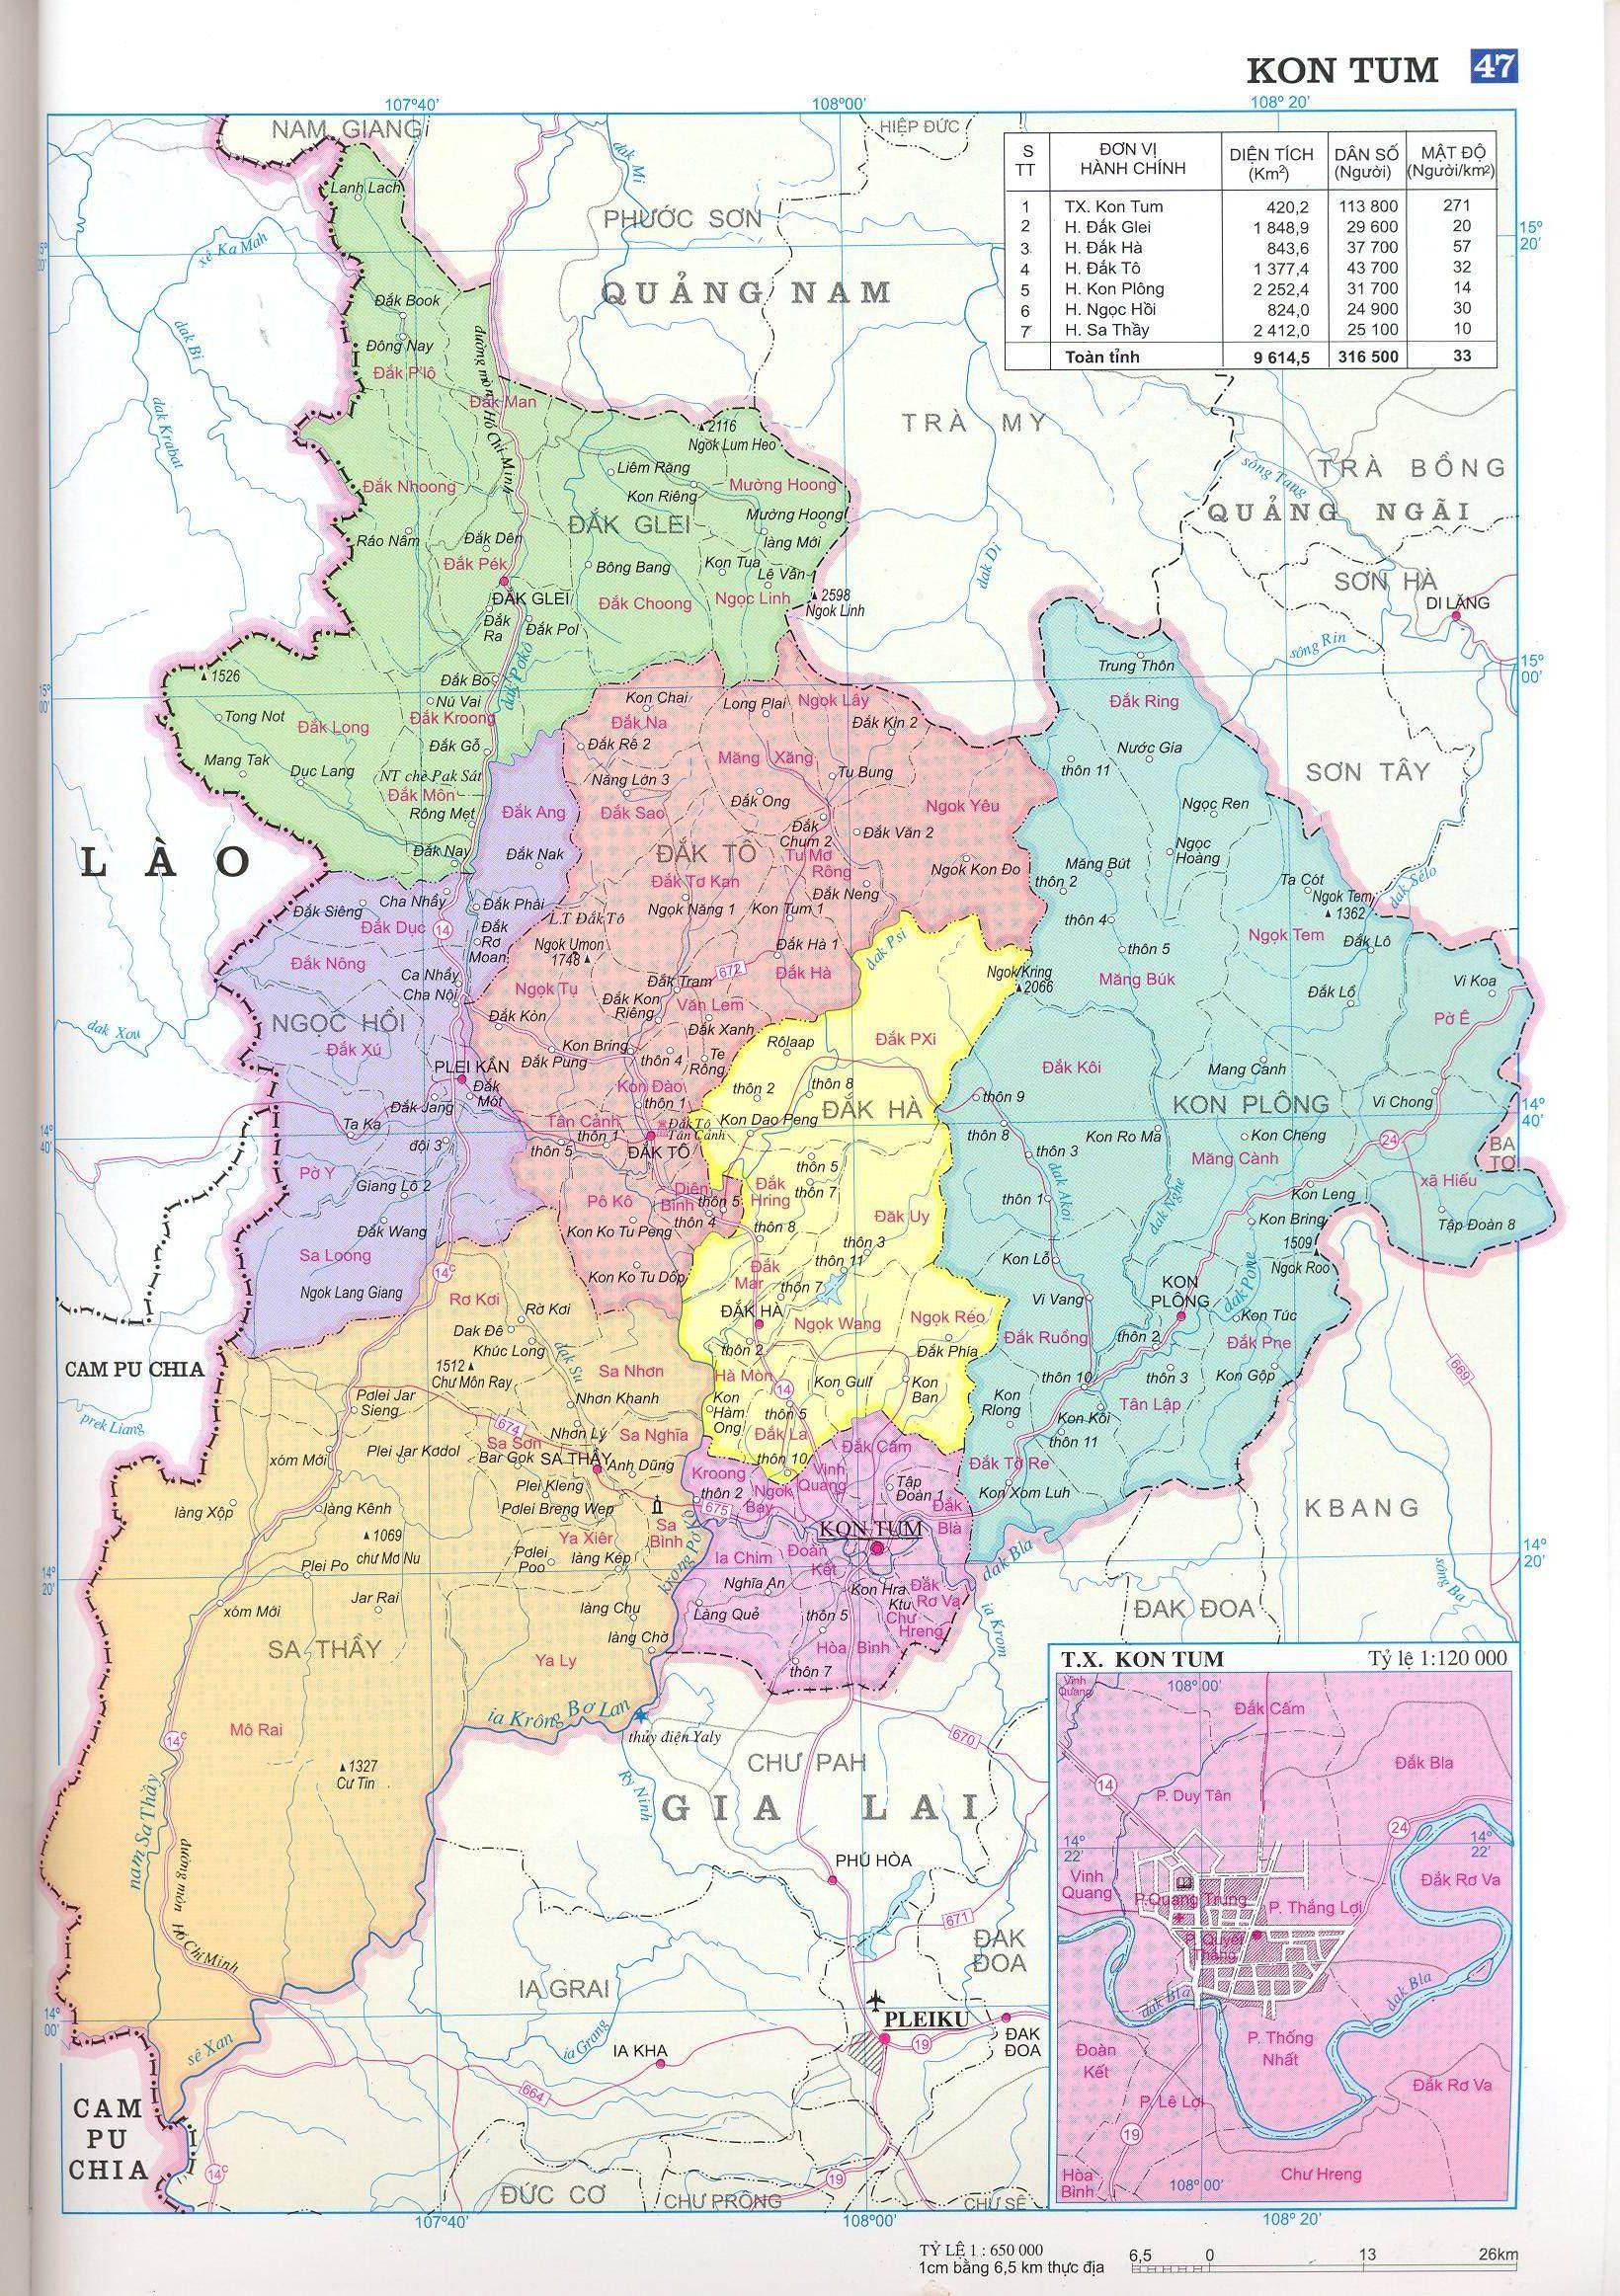 Bản đồ hành chính tỉnh Kom Tum